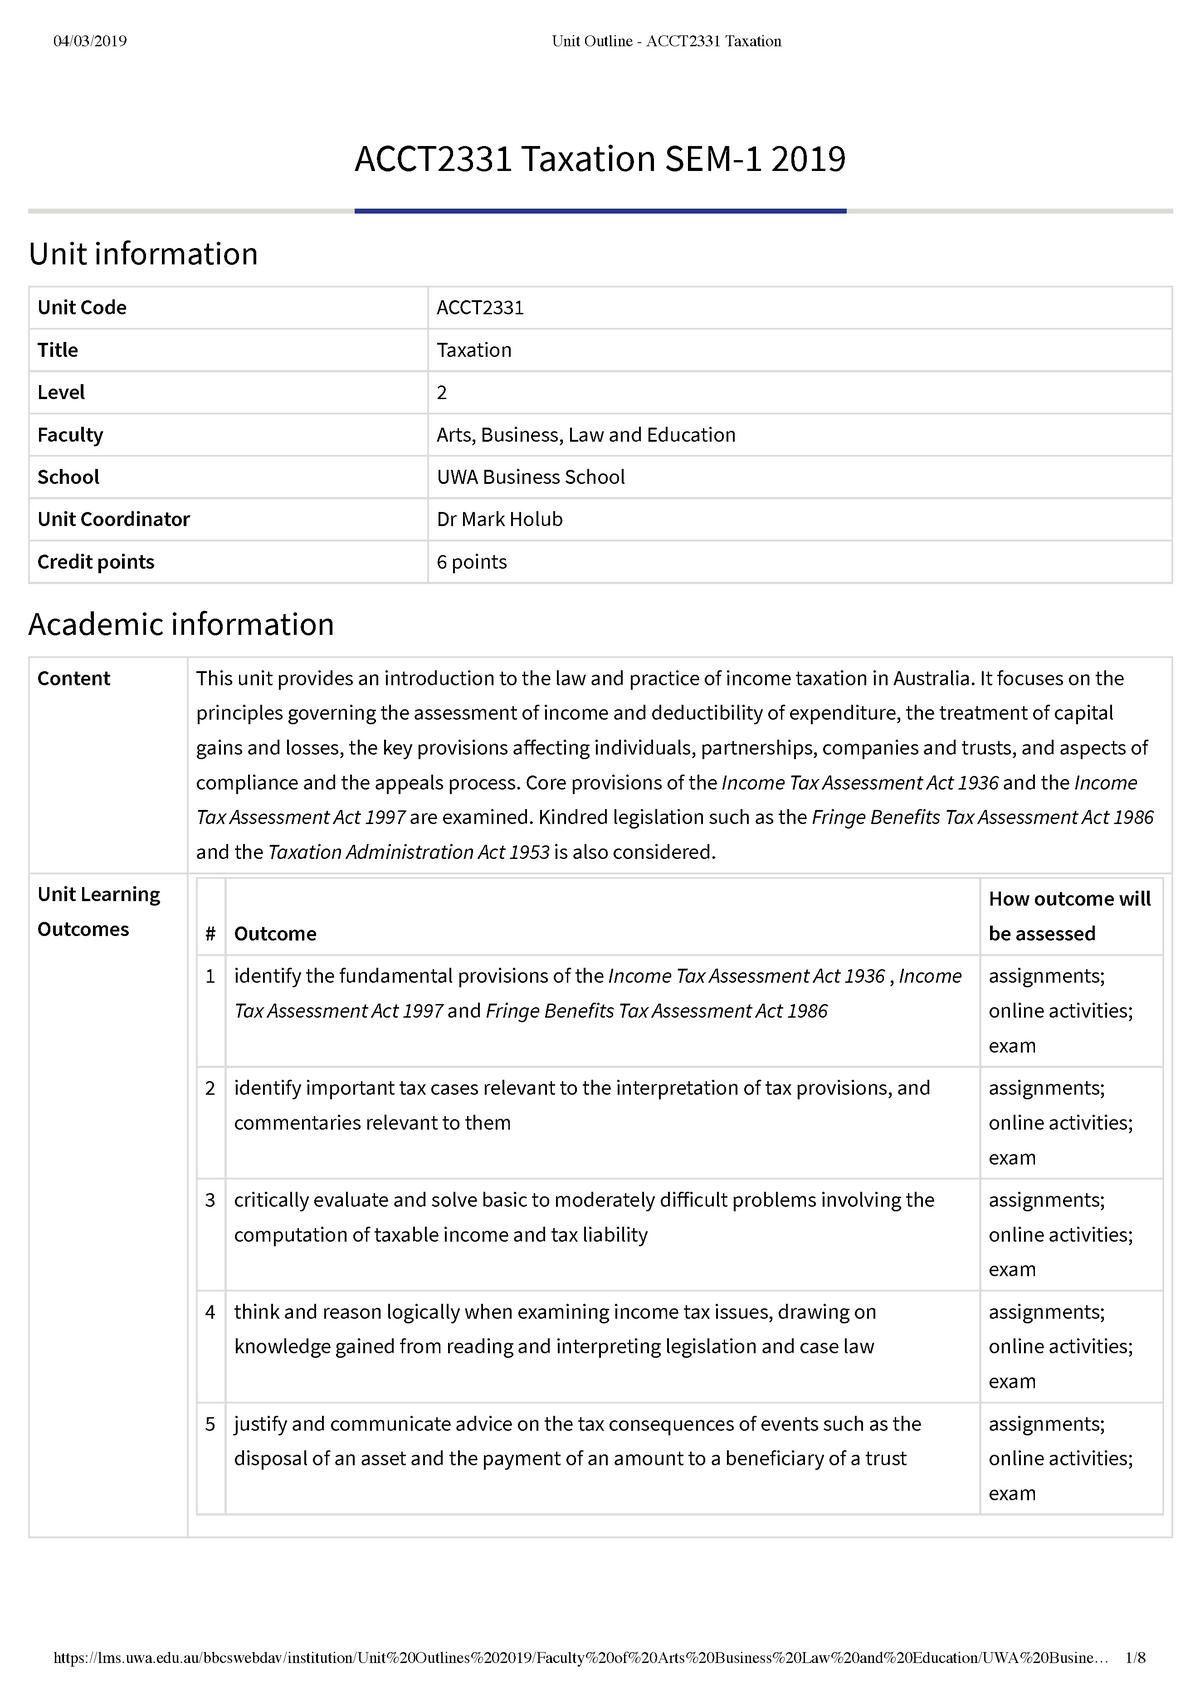 Unit Outline - ACCT2331 Taxation - StuDocu